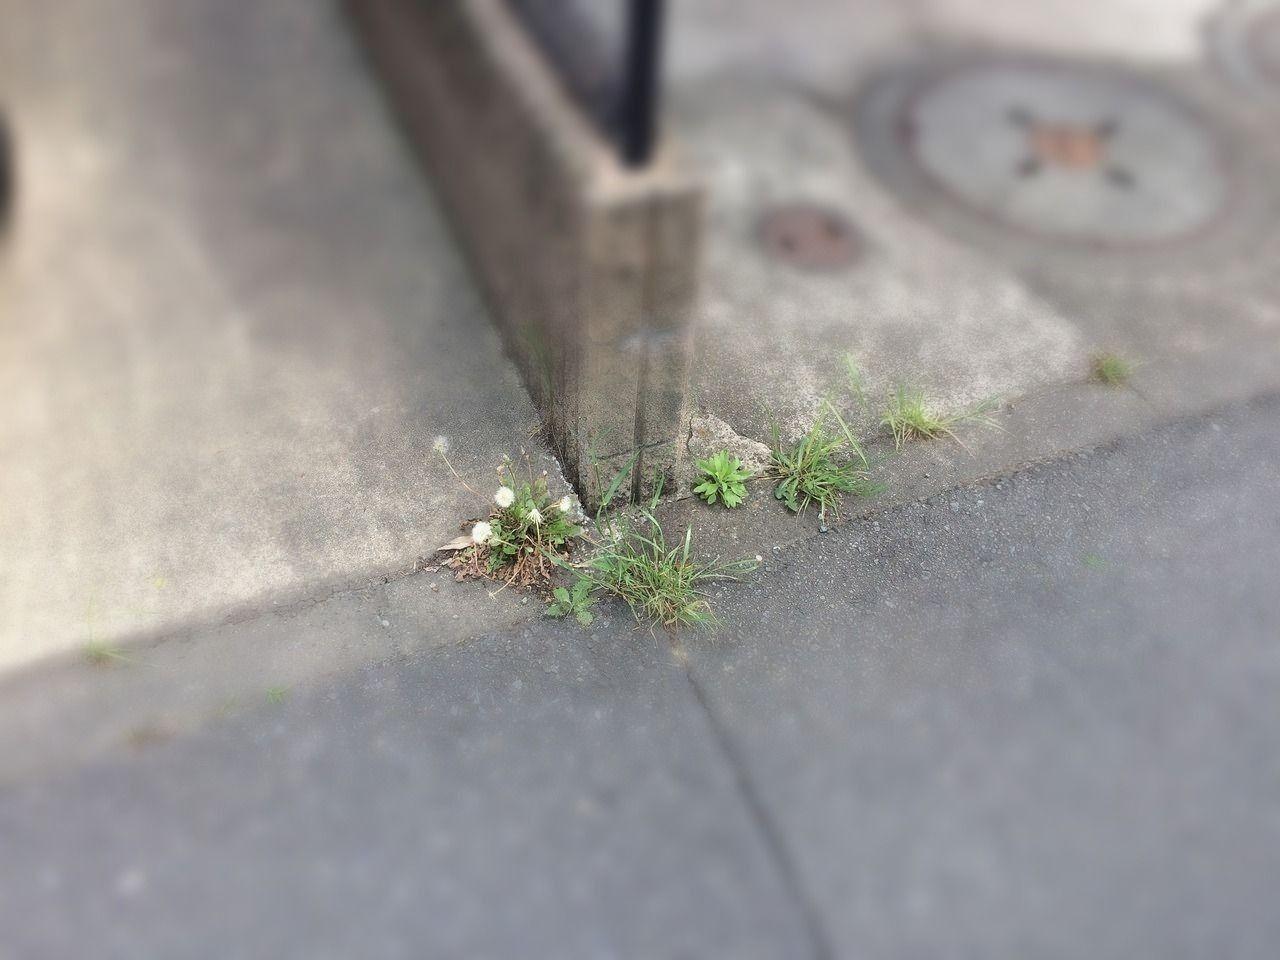 細かい雑草も物件が劣化して見えてしまうので、マメに除去したいものです。